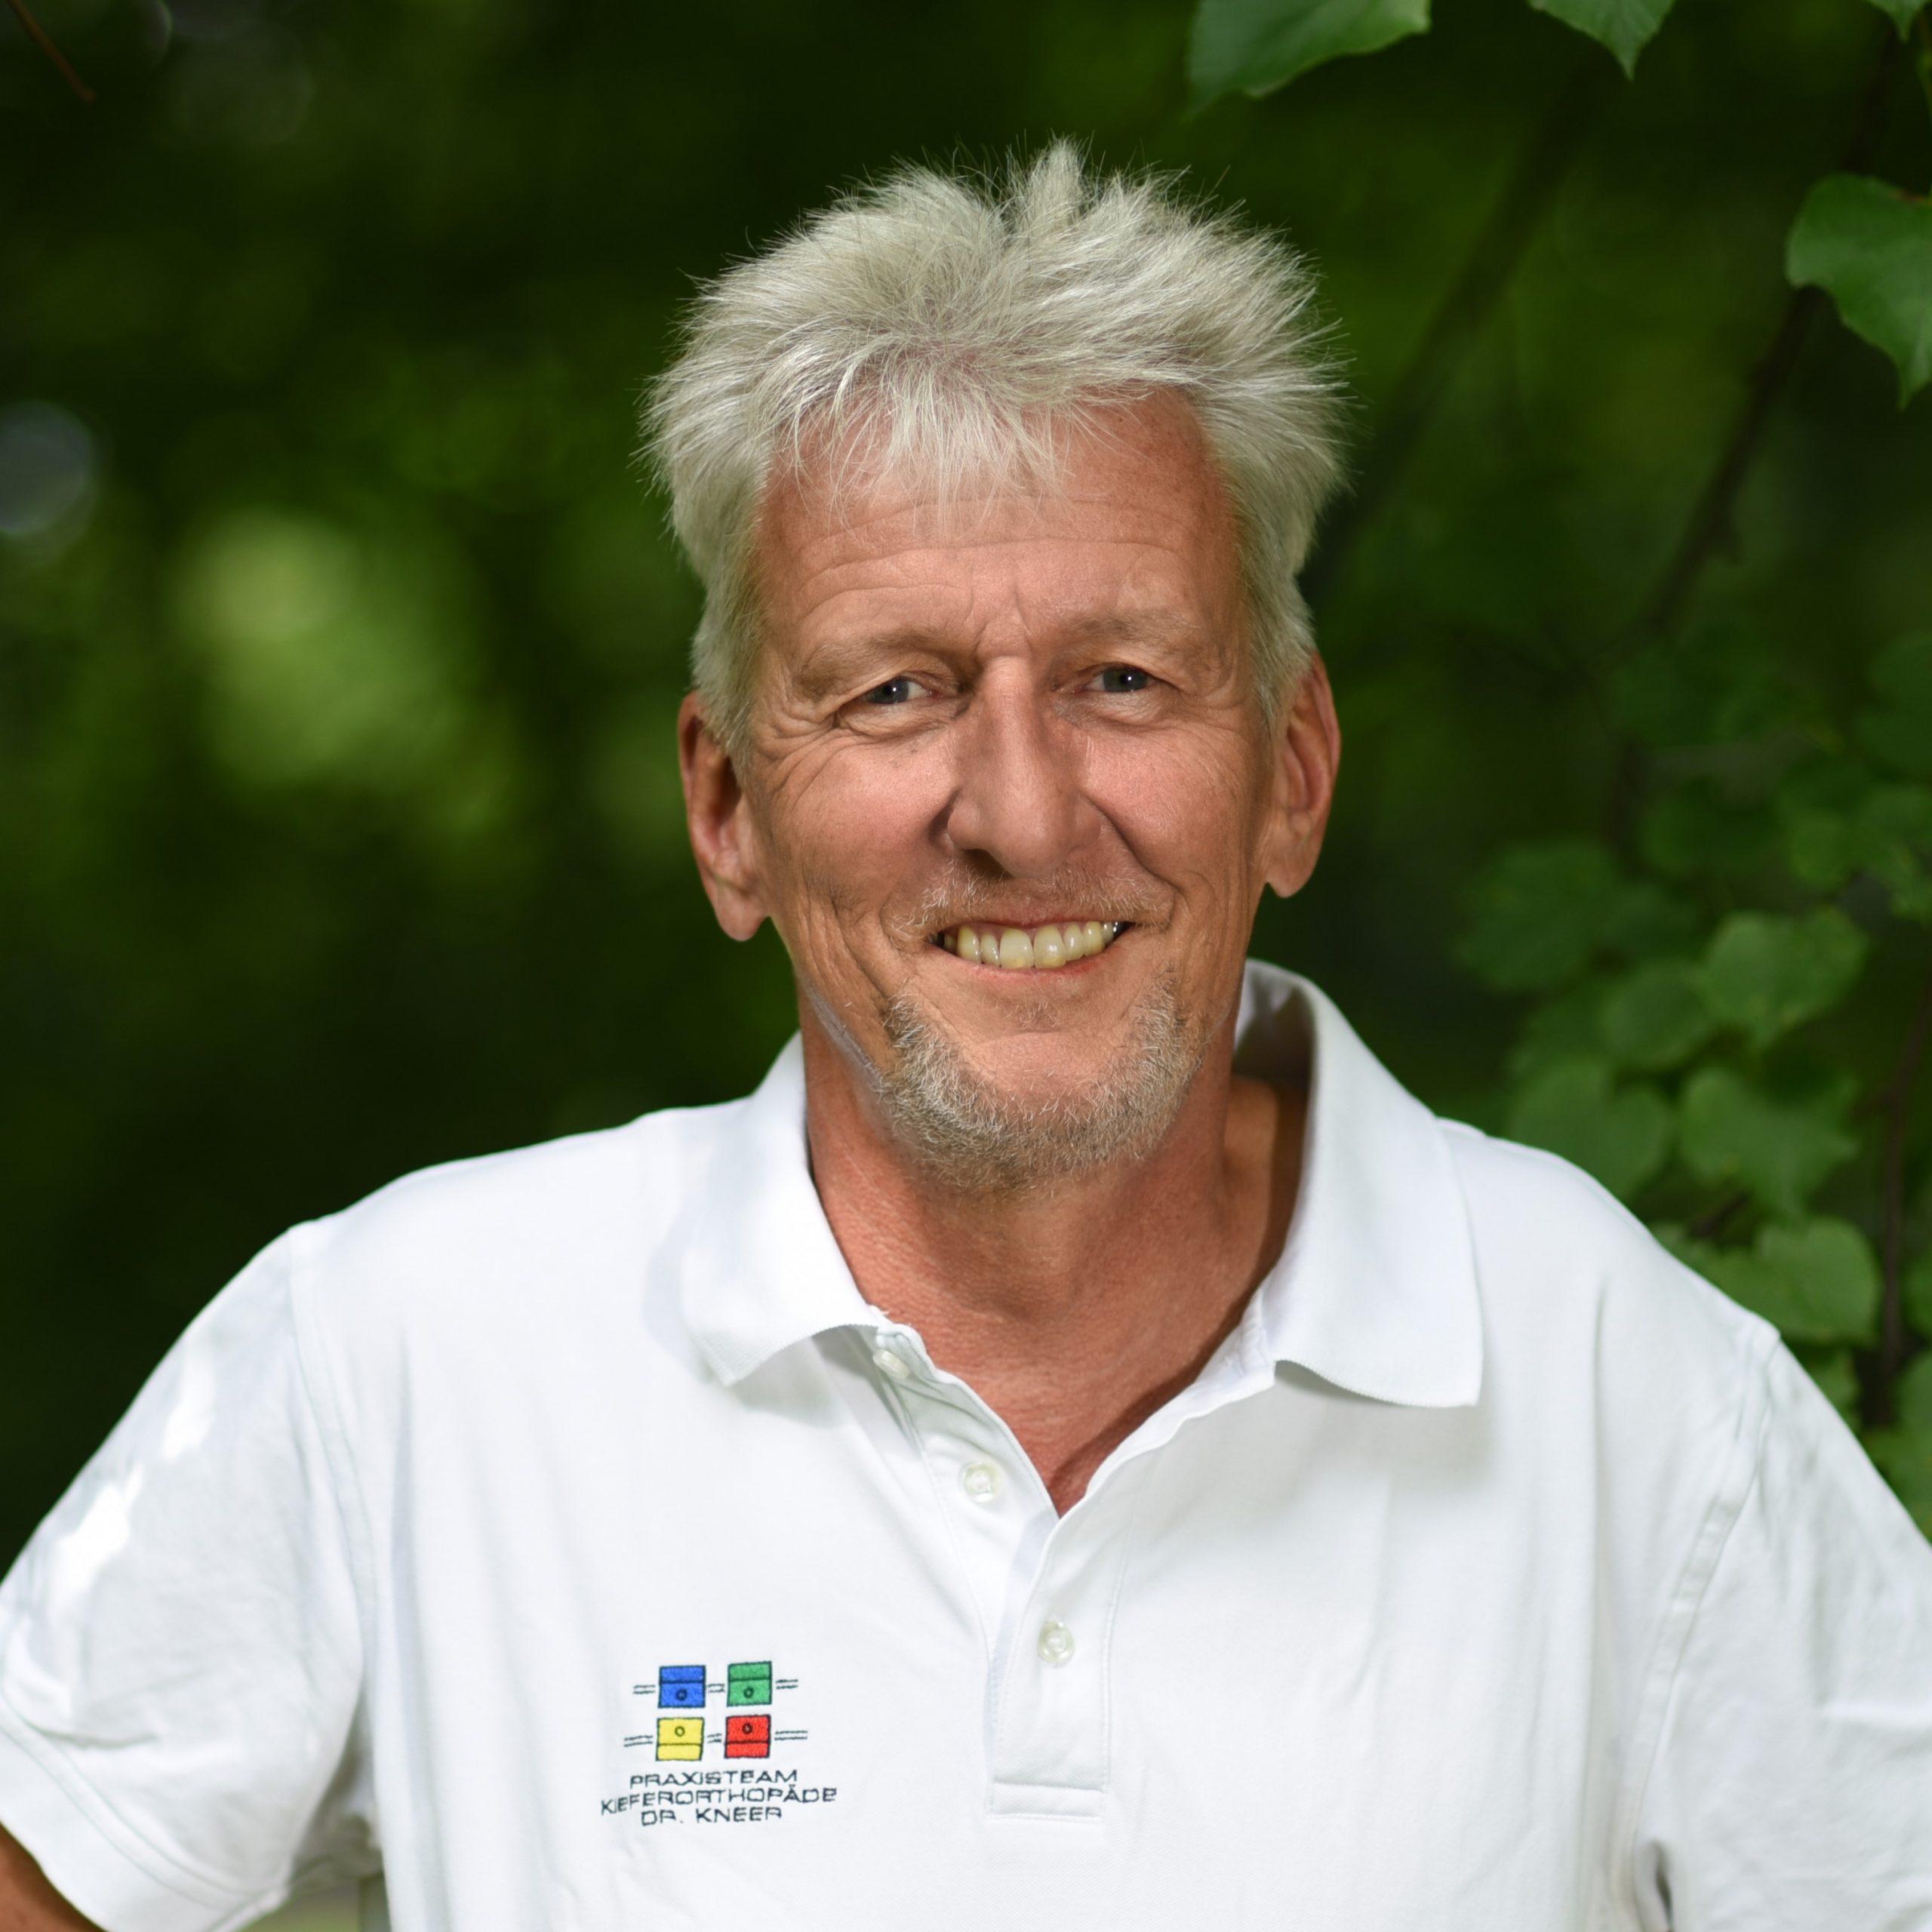 Dr. Stefan Kneer Kieferorthopäde im weißen T-Shirt